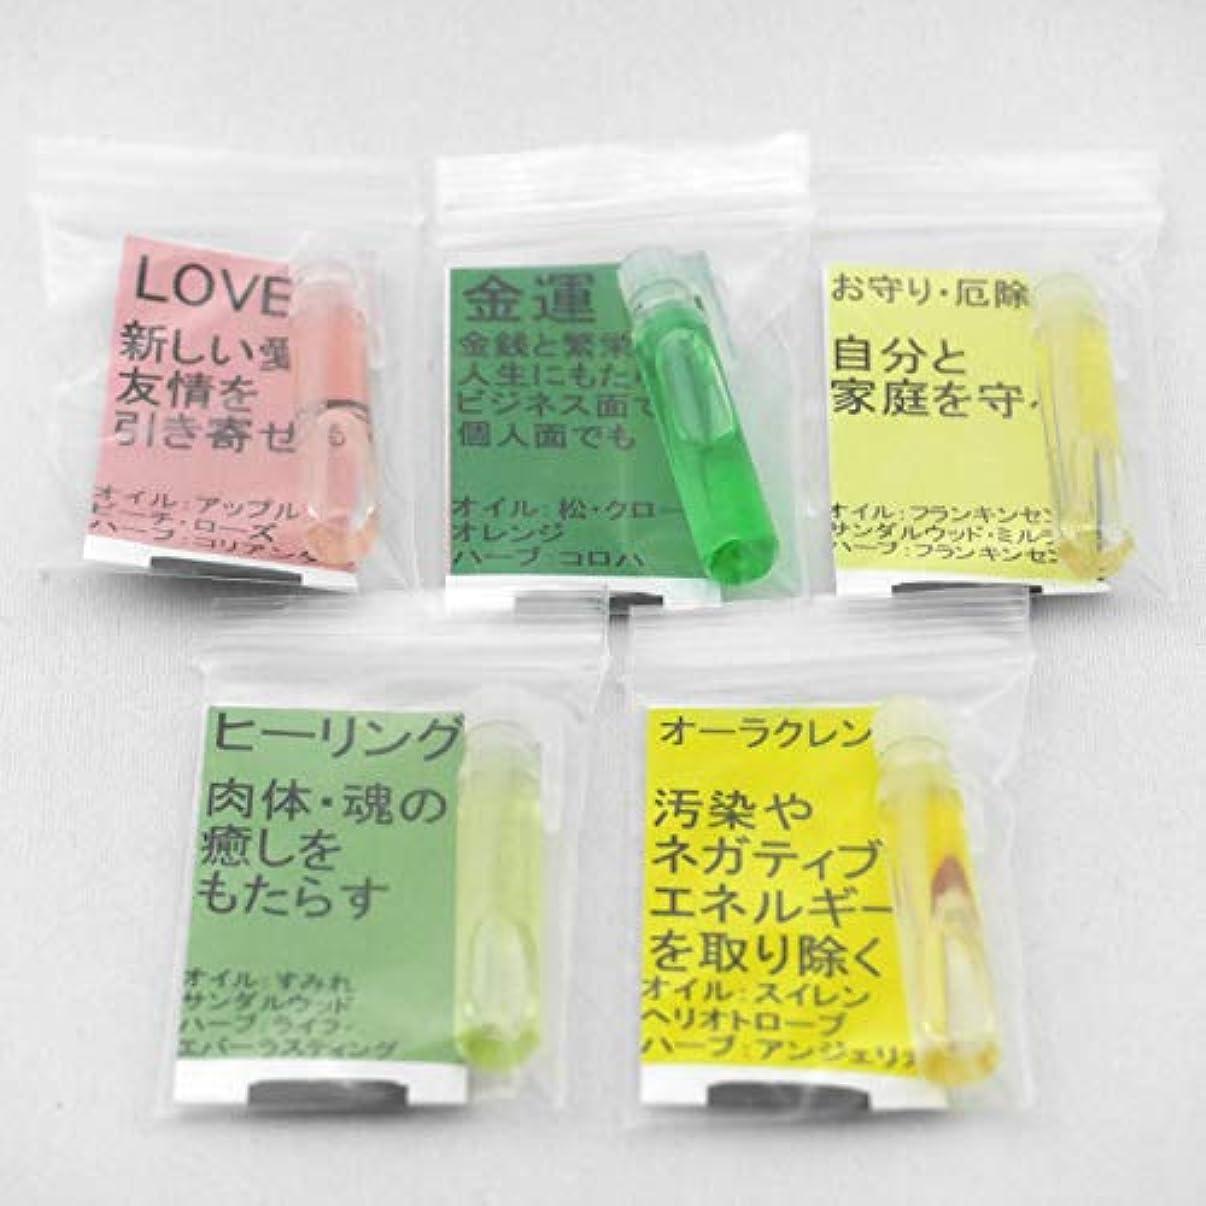 無傷取り除くイヤホンアンシェントメモリーオイル 基本の5本小分けセット(LOVE?MoneyDraw?Protection?Healing?Aura Cleanse)